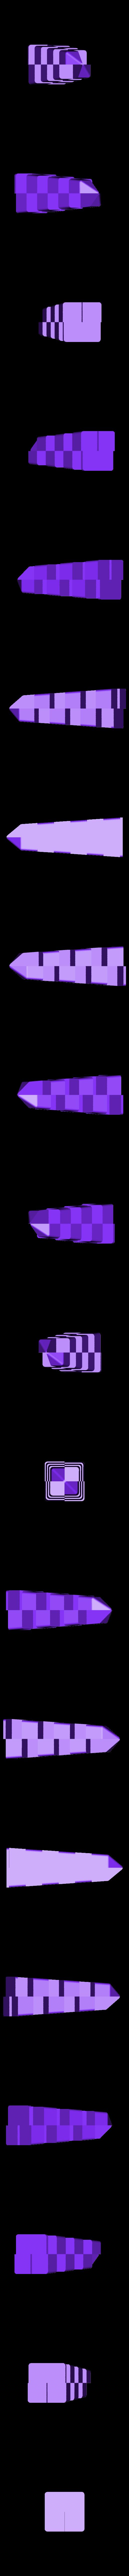 test_obelisco_extr1.stl Télécharger fichier STL gratuit Calibrage de l'extrudeuse double • Objet à imprimer en 3D, saginau